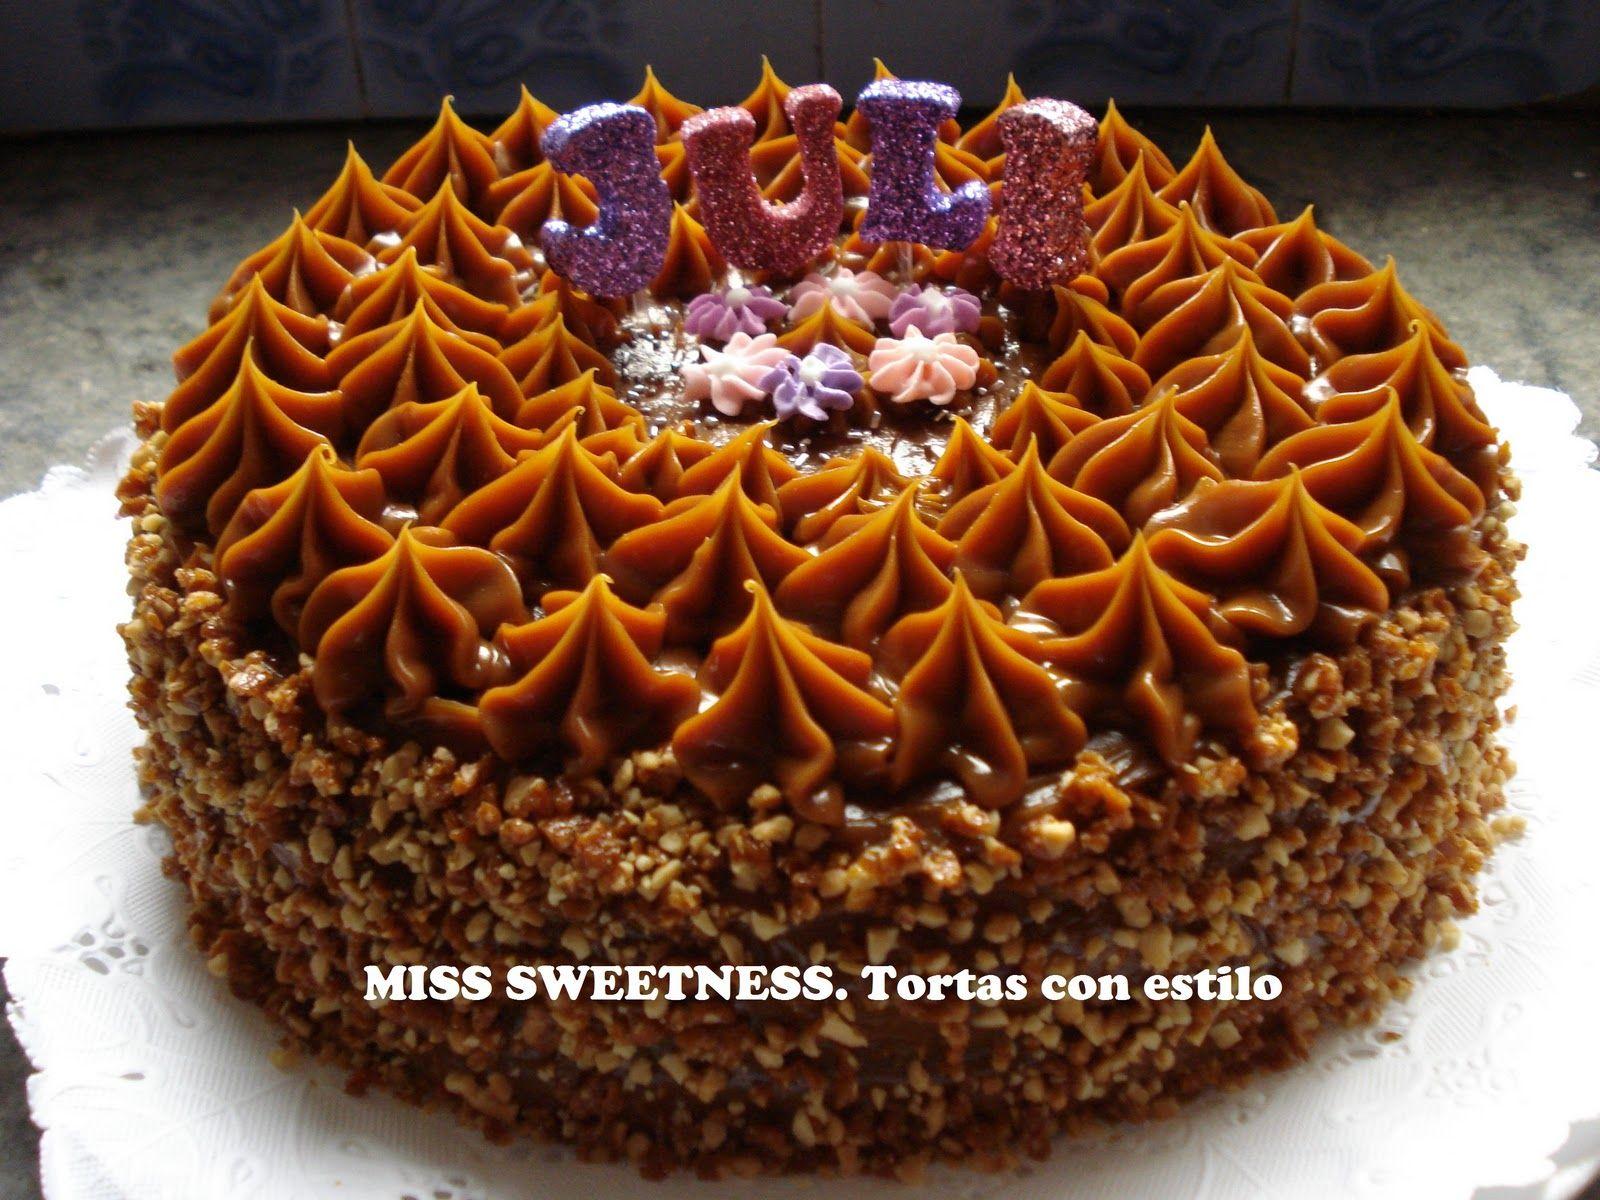 DECORACION DE TORTAS | TORTAS | Pinterest | Tortilla y Decoración